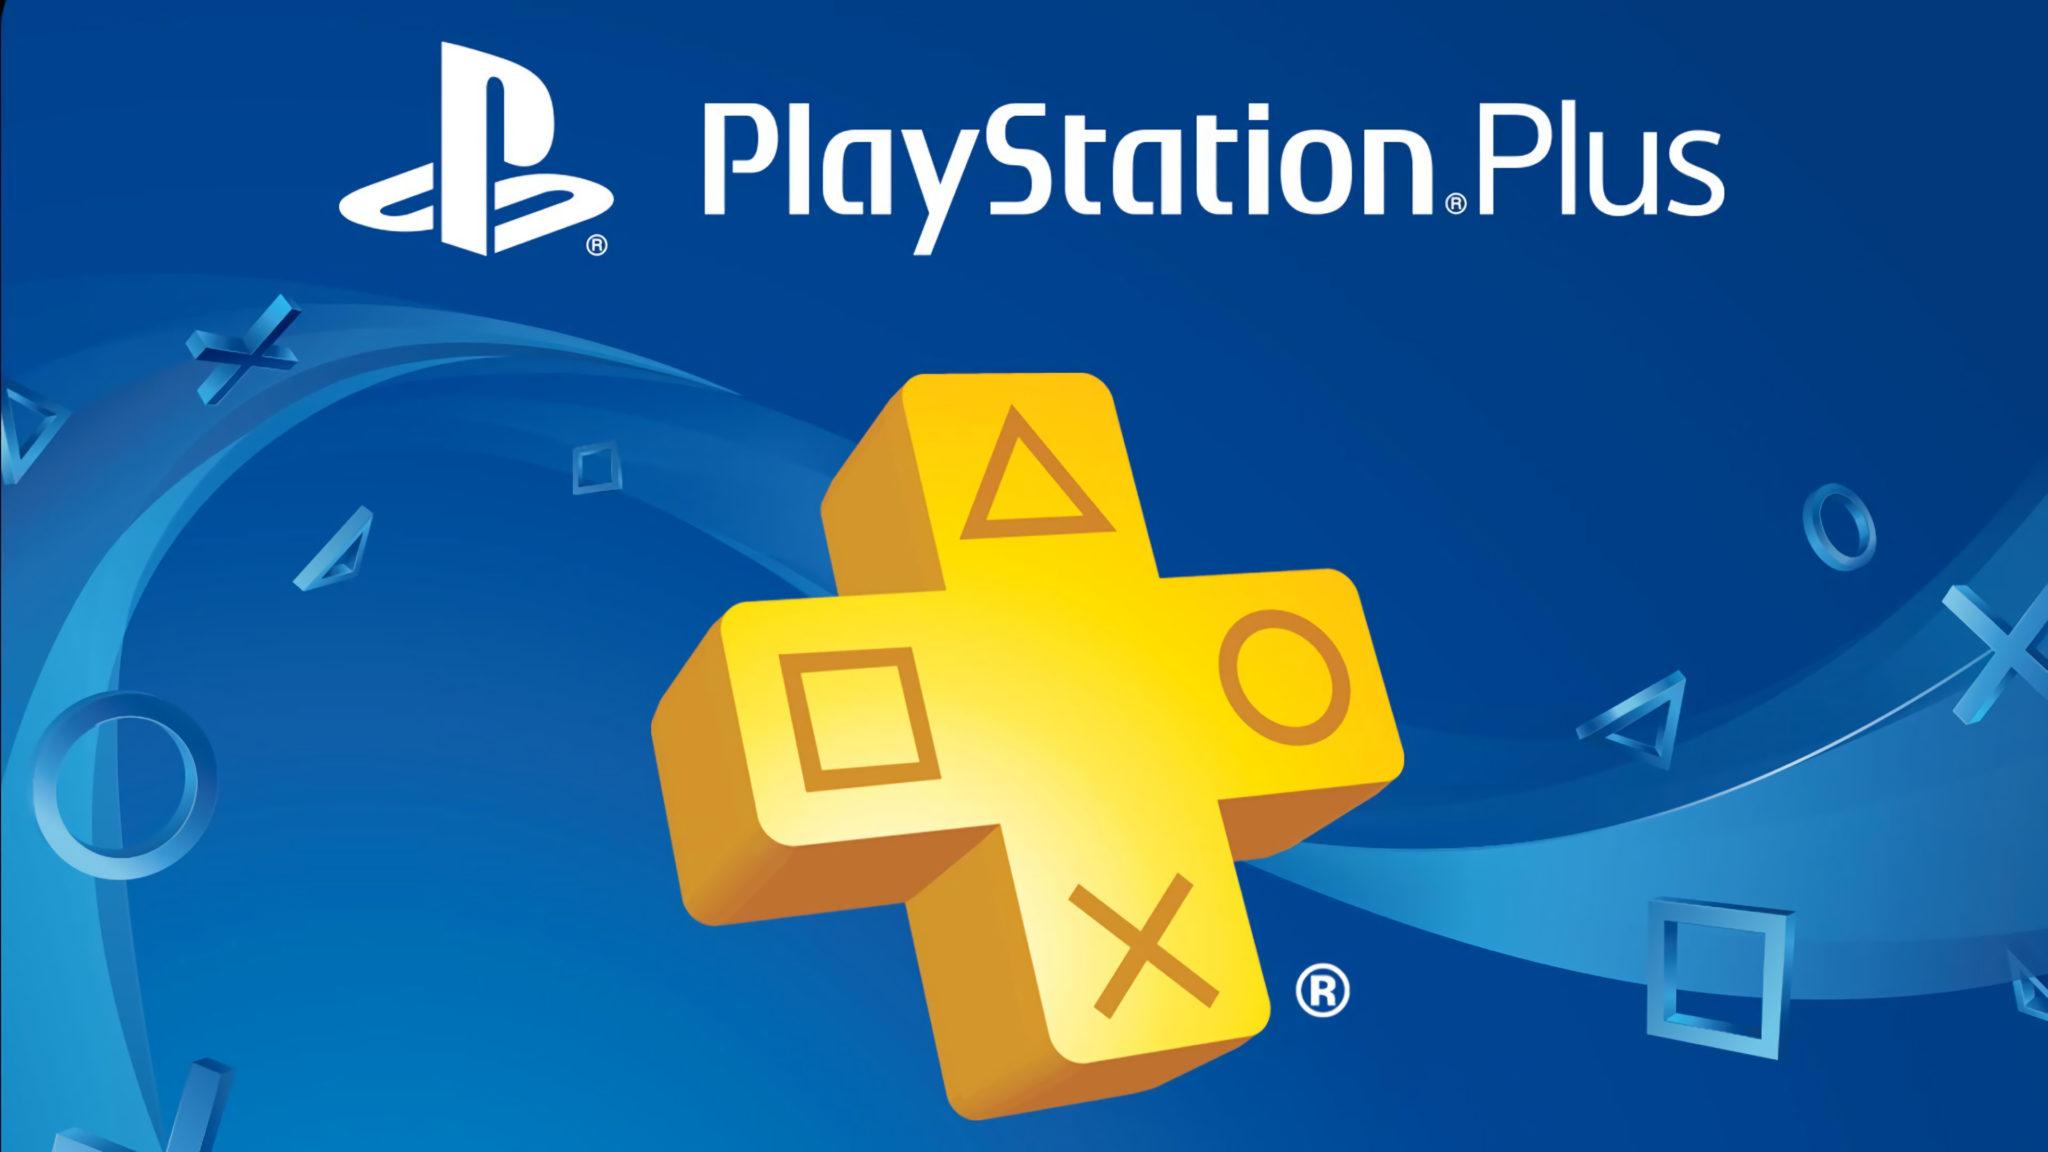 Estamos no final do mês, com isso, os gamers de PlayStation 4 e PS5 estão esperando conhecer os jogos gratuitos da PS Plus de Agosto de 2021.